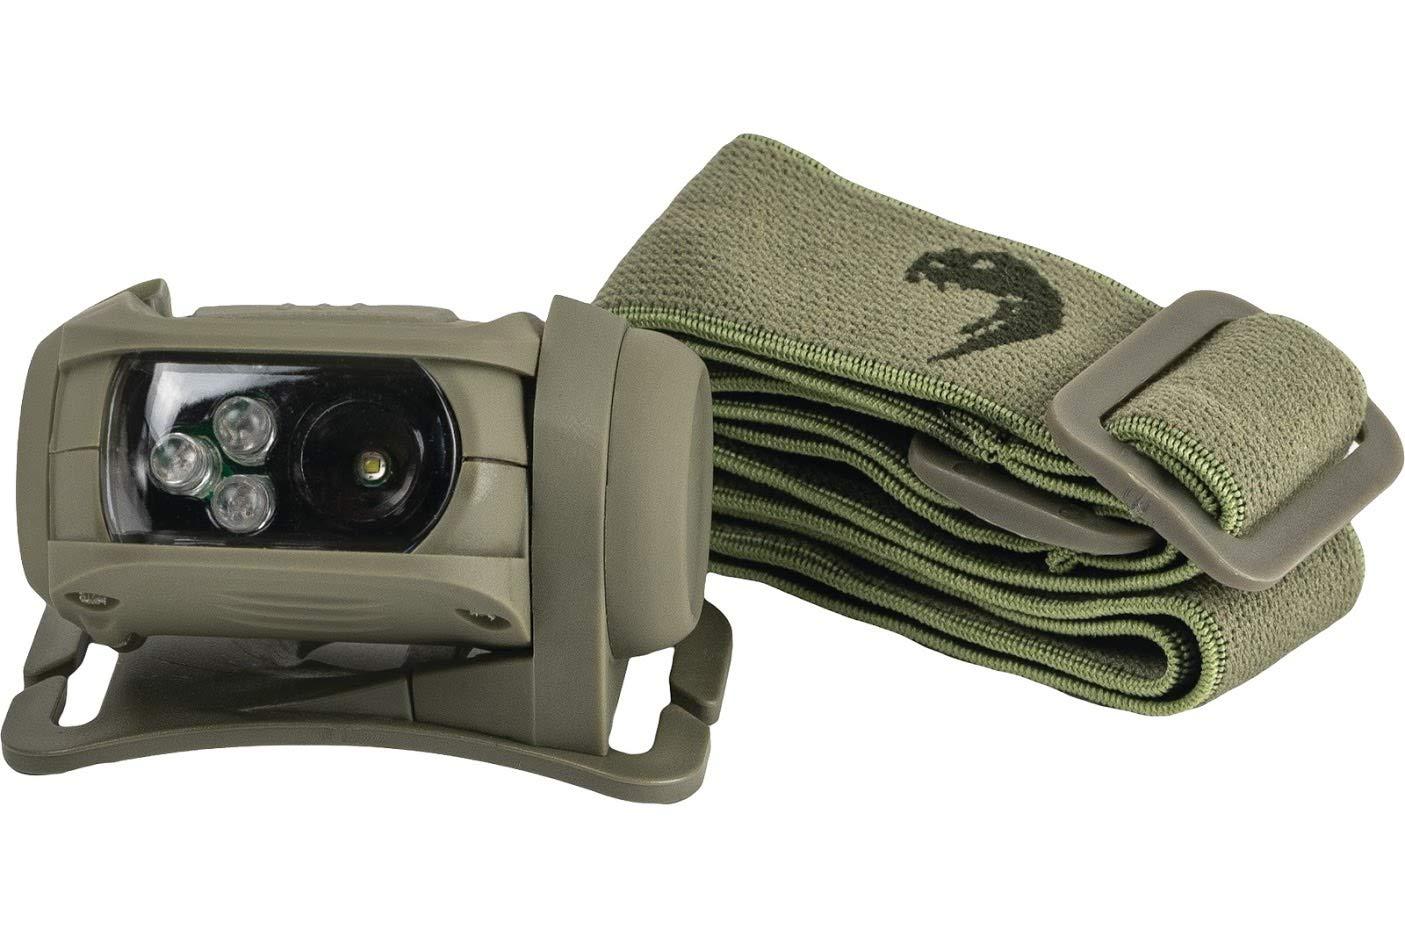 Viper TACTICAL Special Ops Verde Linterna Frontal